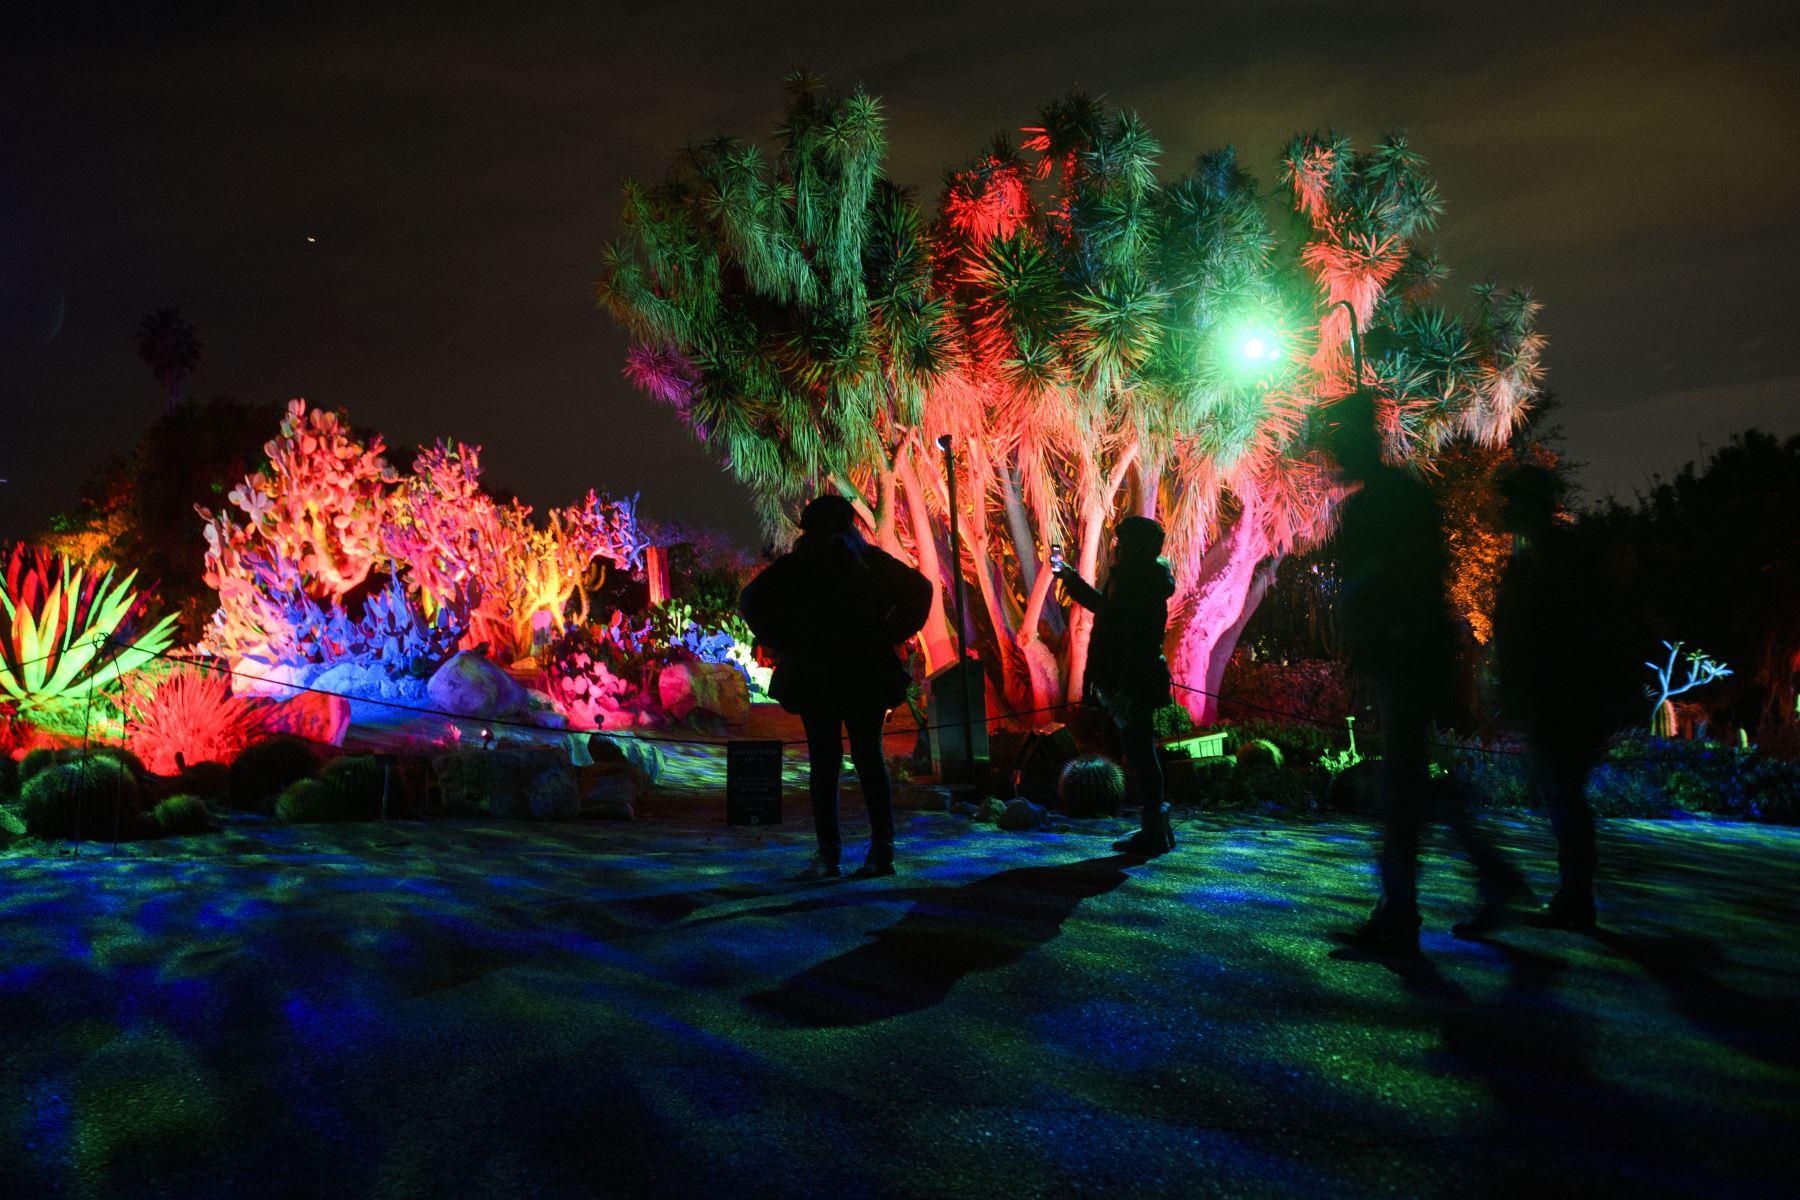 """Las personas usan máscaras faciales debido a las restricciones de Covid-19 mientras caminan al aire libre durante la exposición de luces """"Glow"""" en el Jardín Botánico de la Costa Sur en la península de Palos Verdes, California, unas horas antes del inicio de las nuevas restricciones. Foto: AFP"""